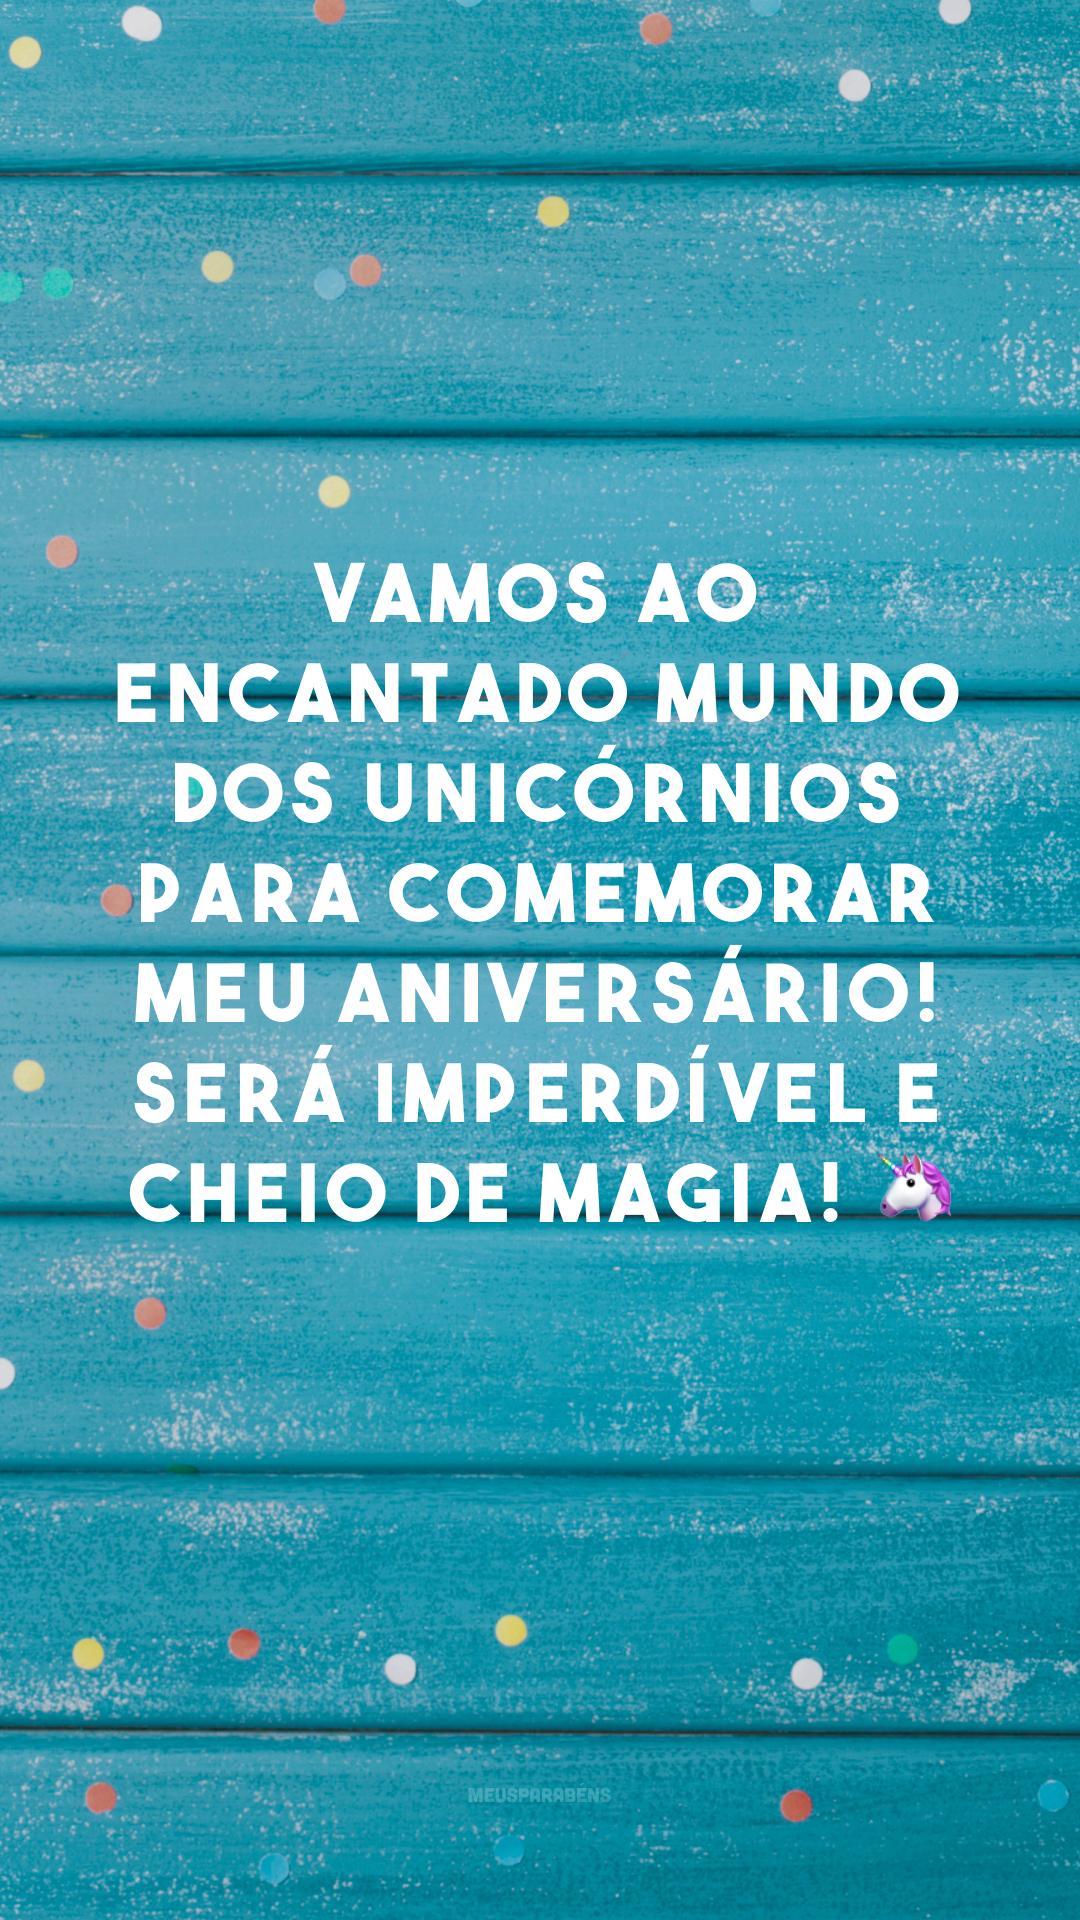 Vamos ao encantado mundo dos unicórnios para comemorar meu aniversário! Será imperdível e cheio de magia! 🦄